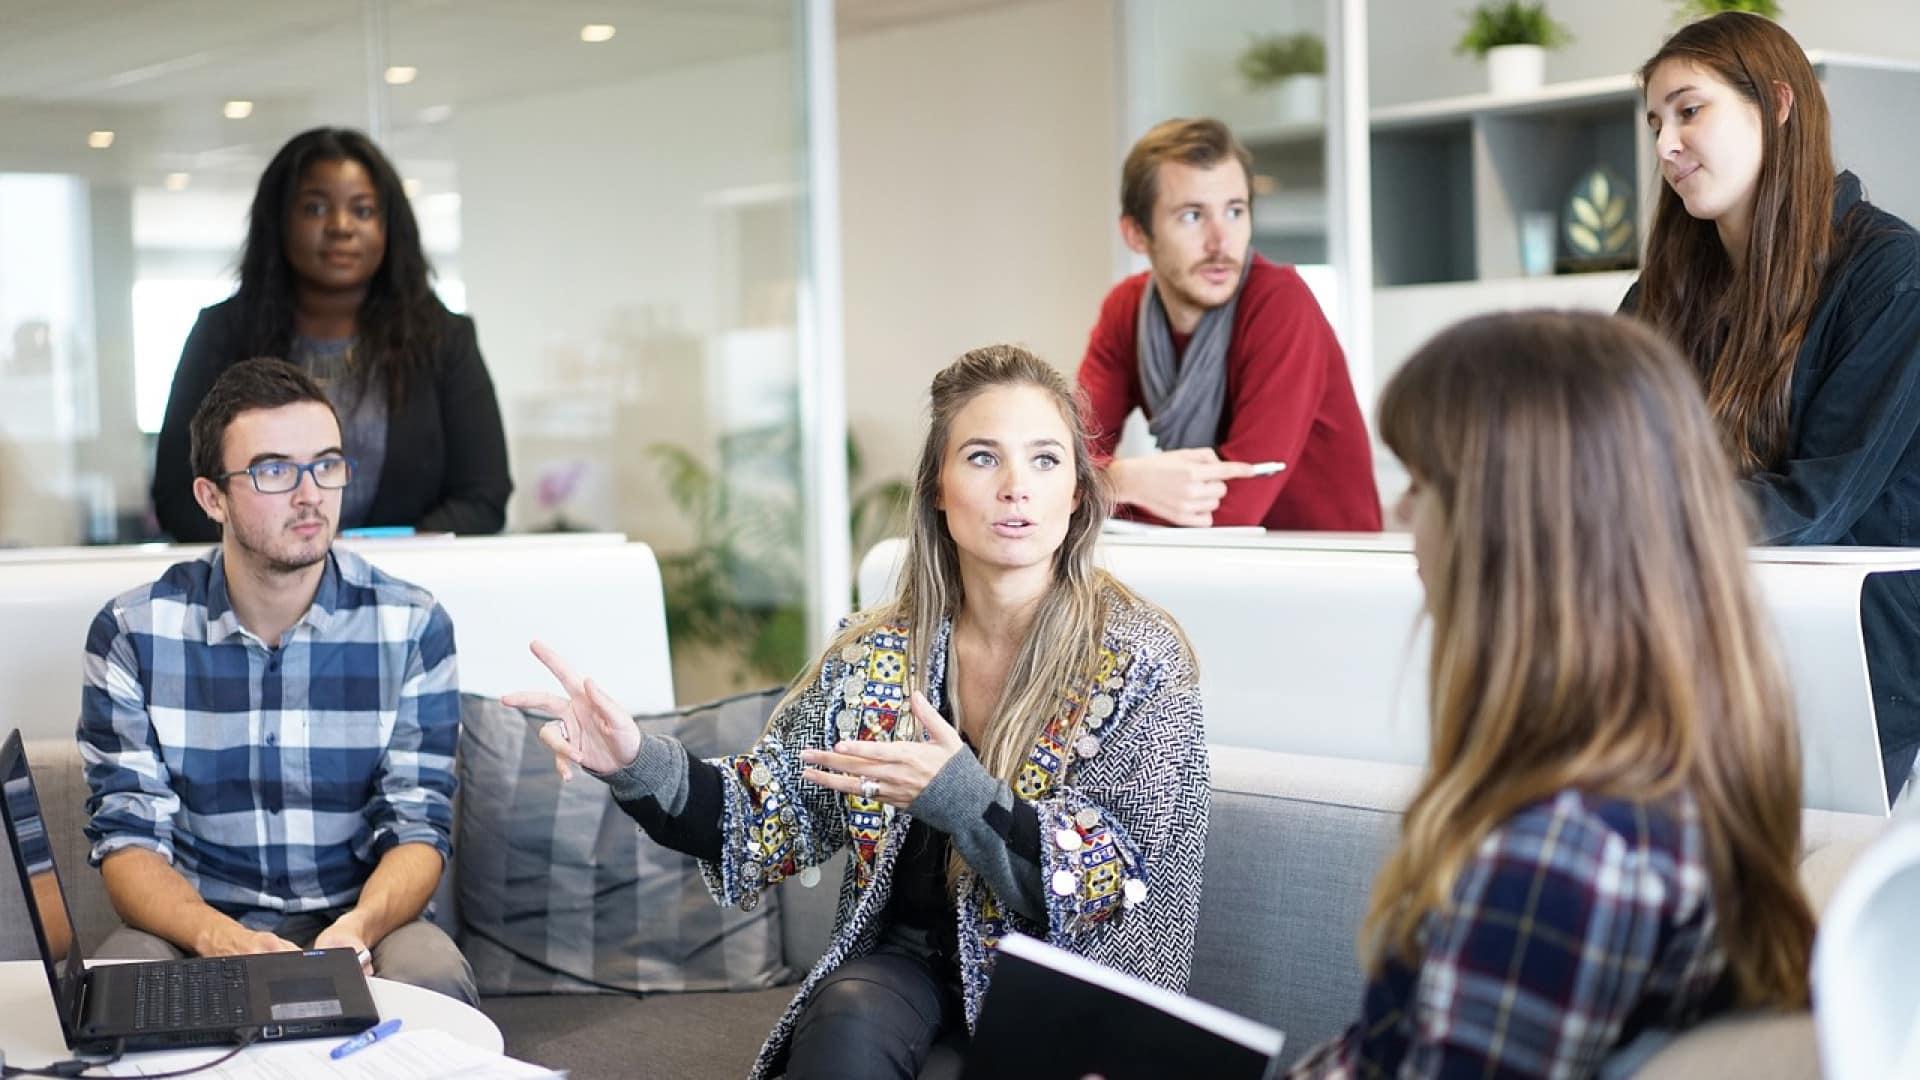 Bts management en alternance, le meilleur moyen de rapidement décrocher un emploi ?